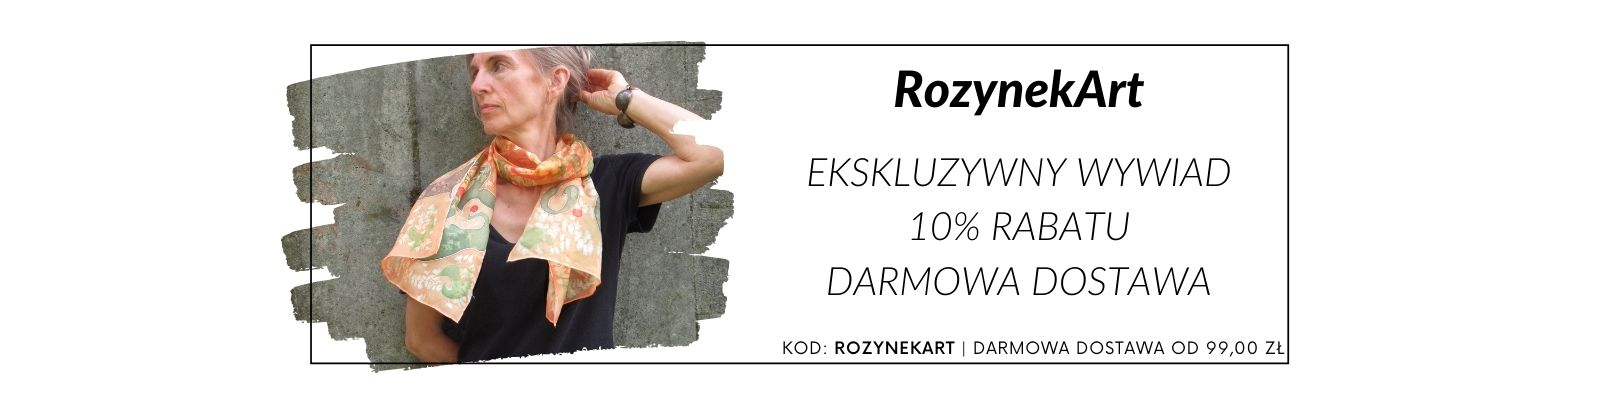 RozynekArt - wywiad, promocja i darmowa dostawa!